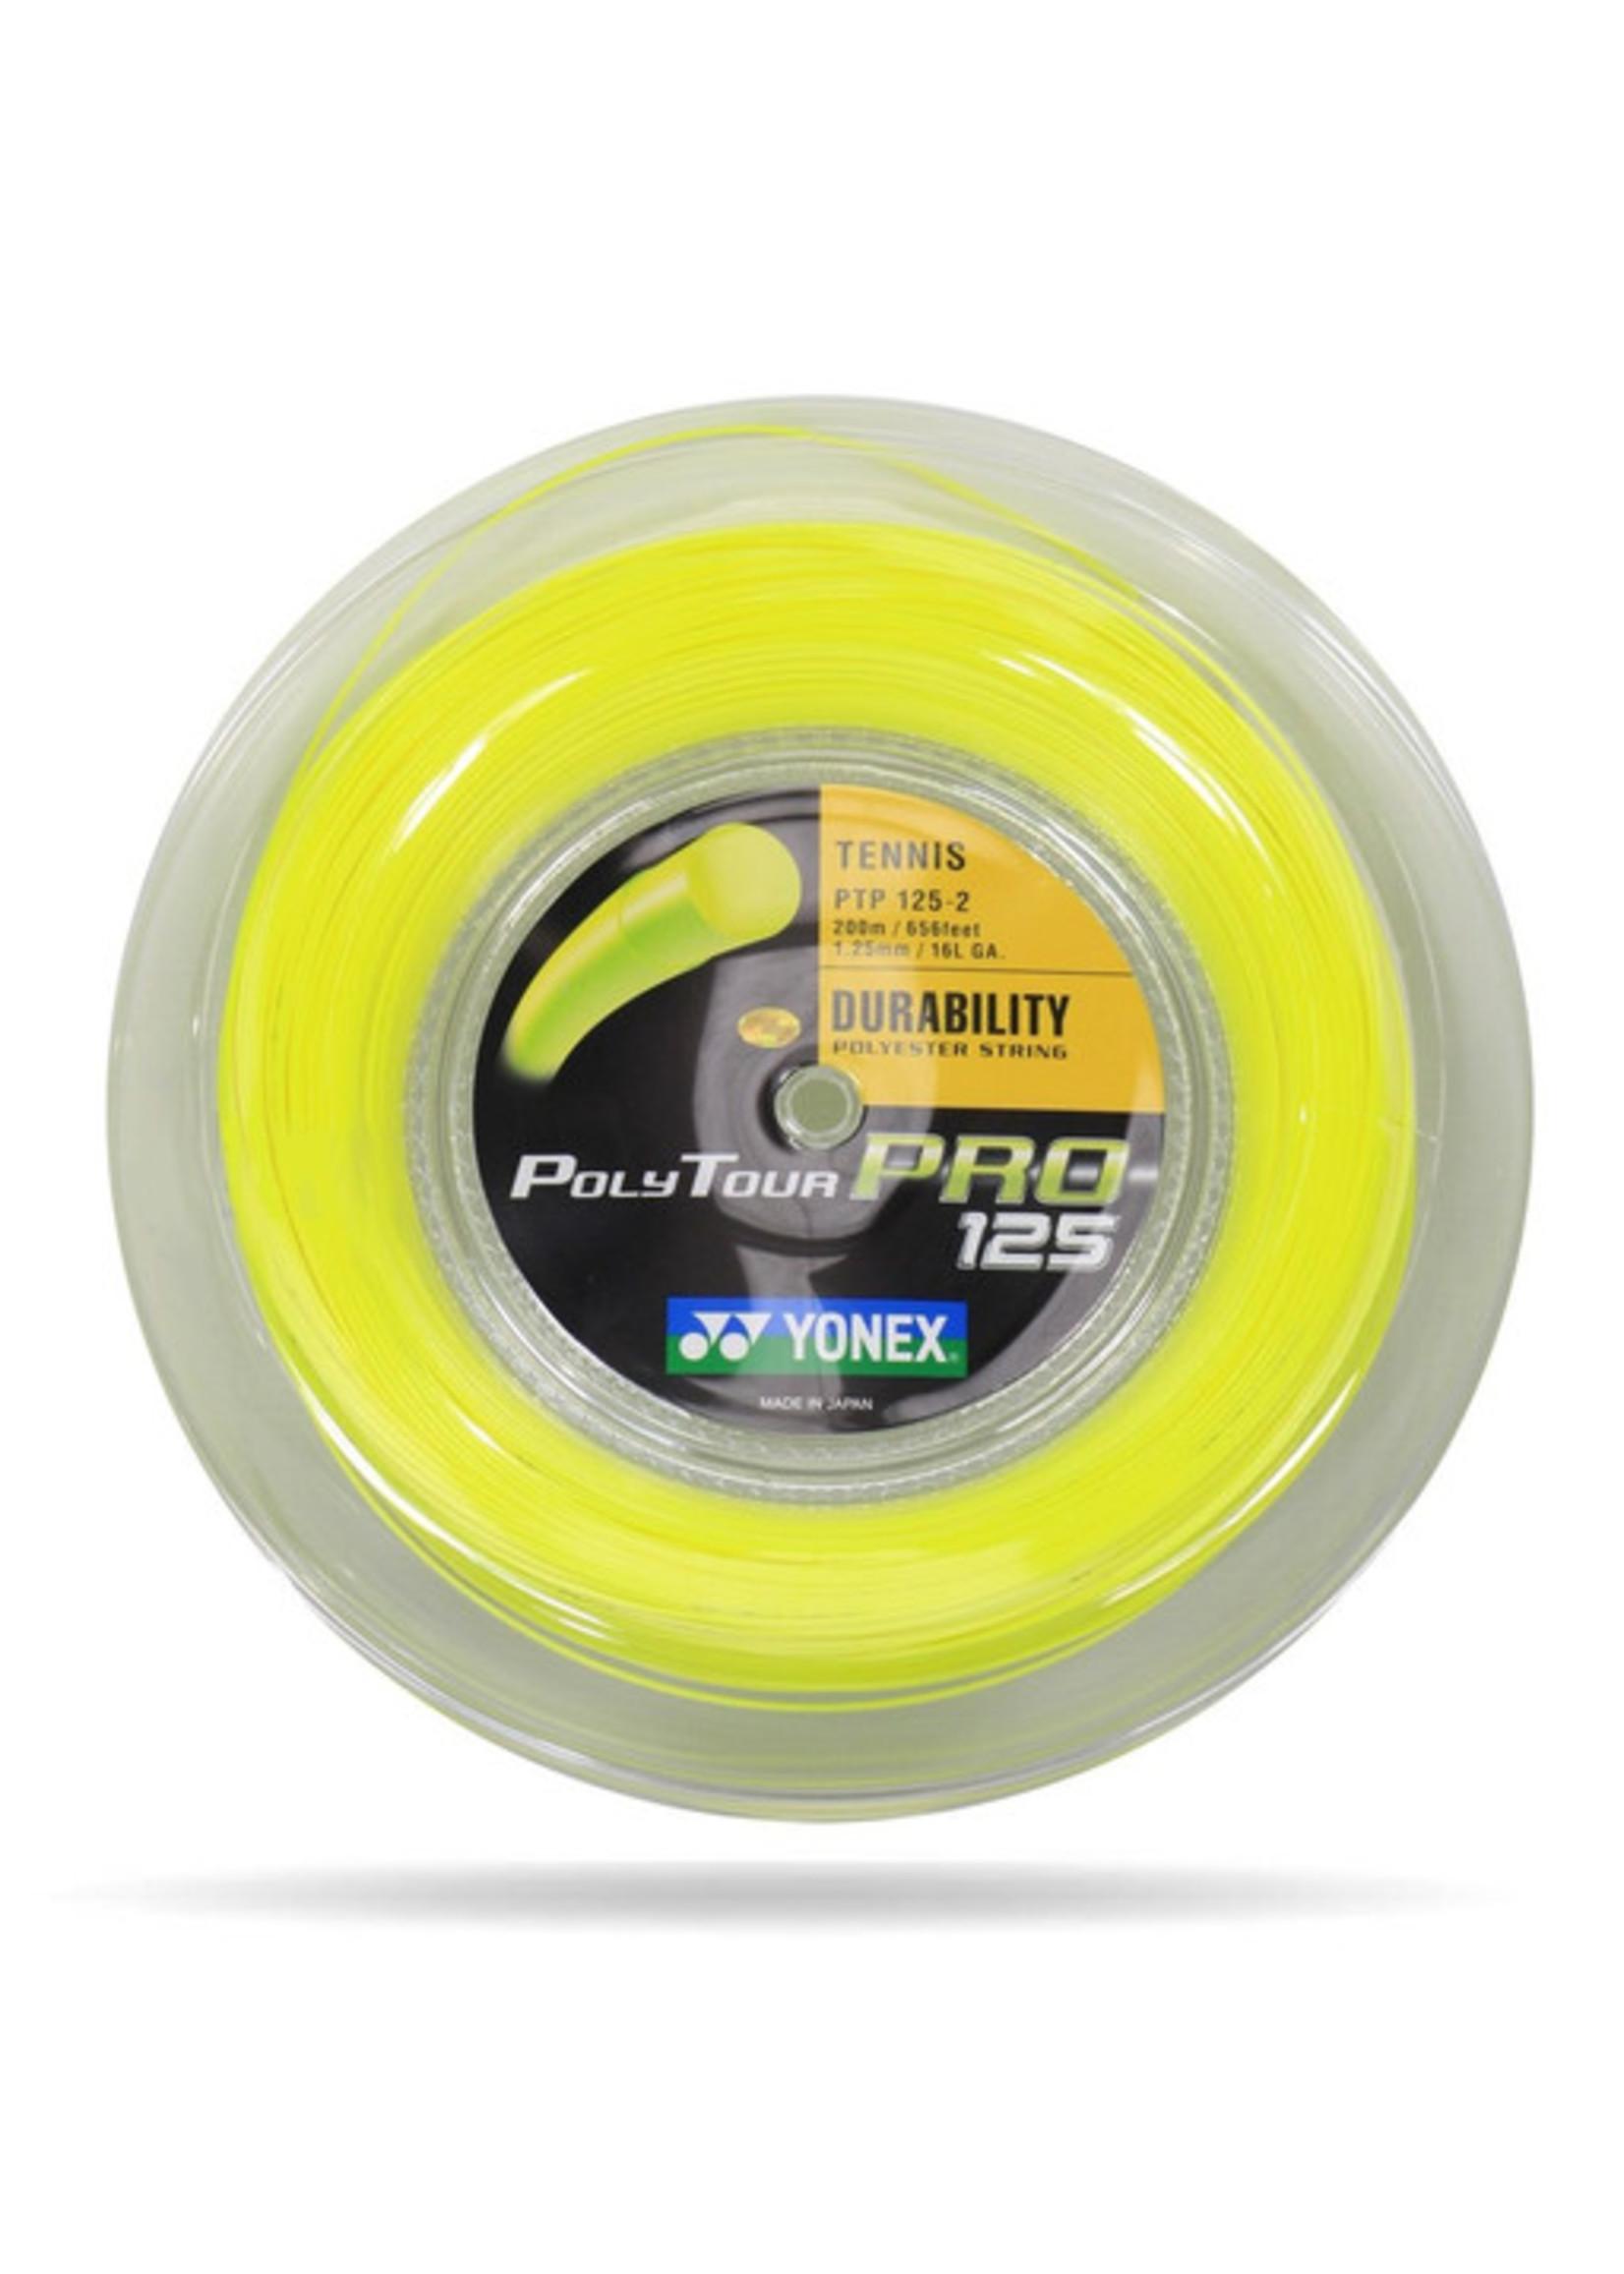 Yonex Yonex PolyTour Pro 125 Tennis String- 200m Reel